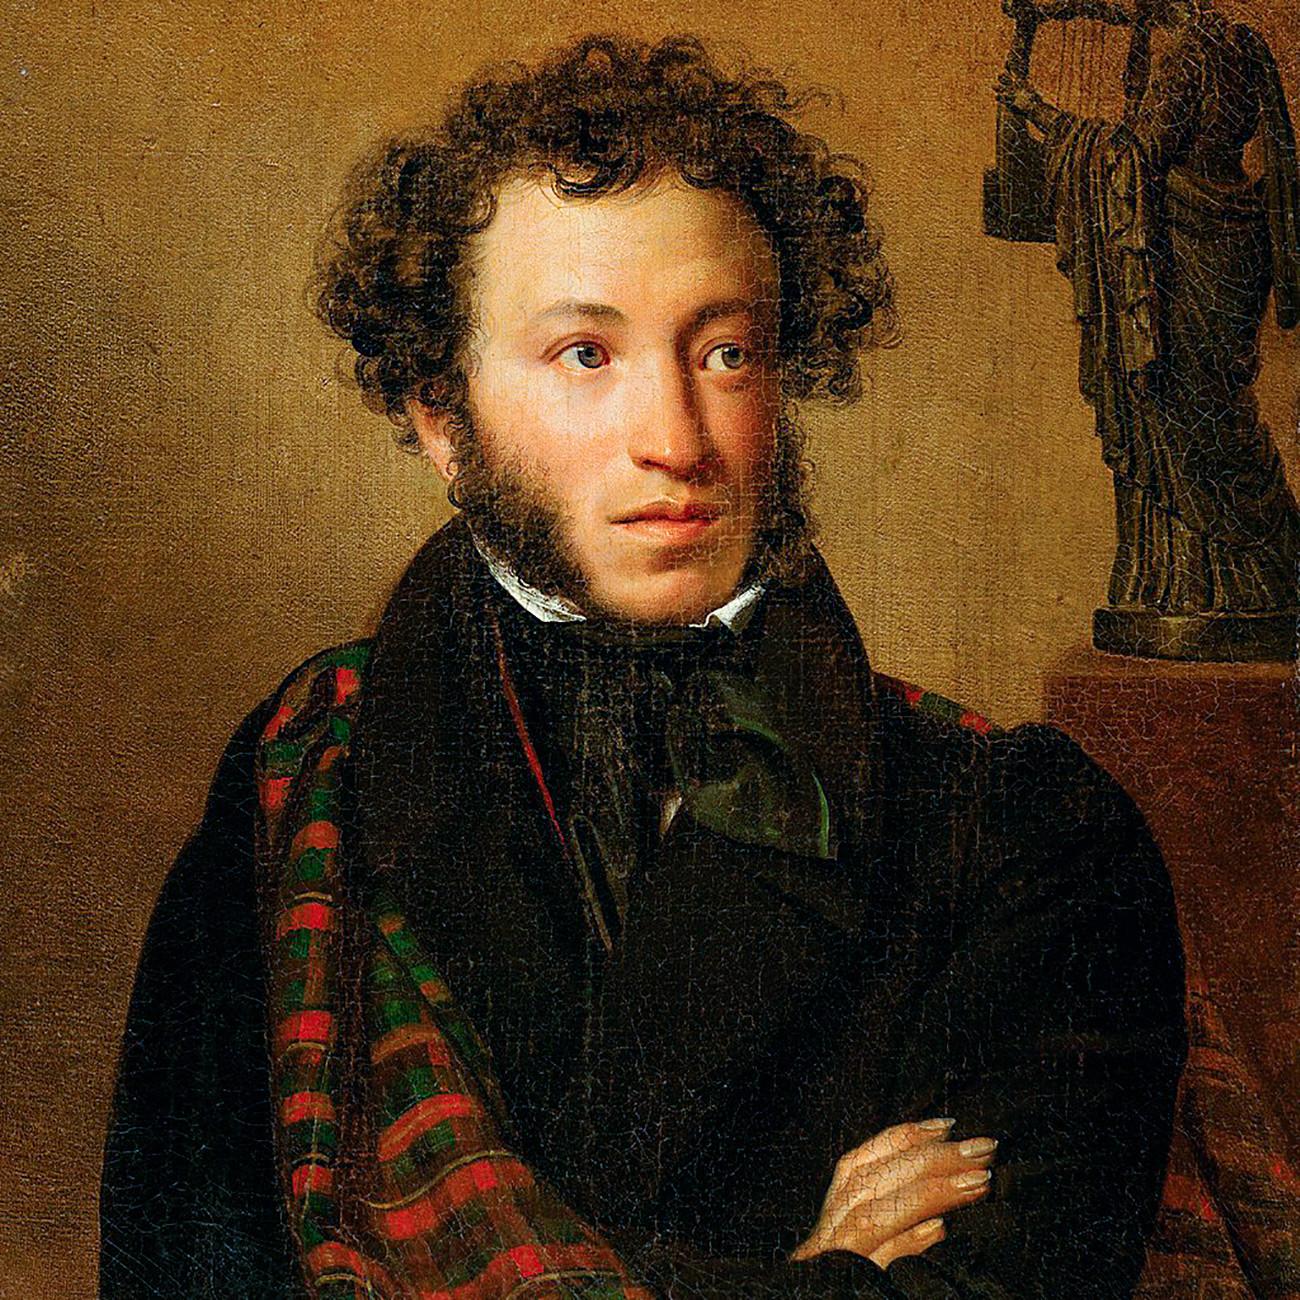 Aleksandar Puškin